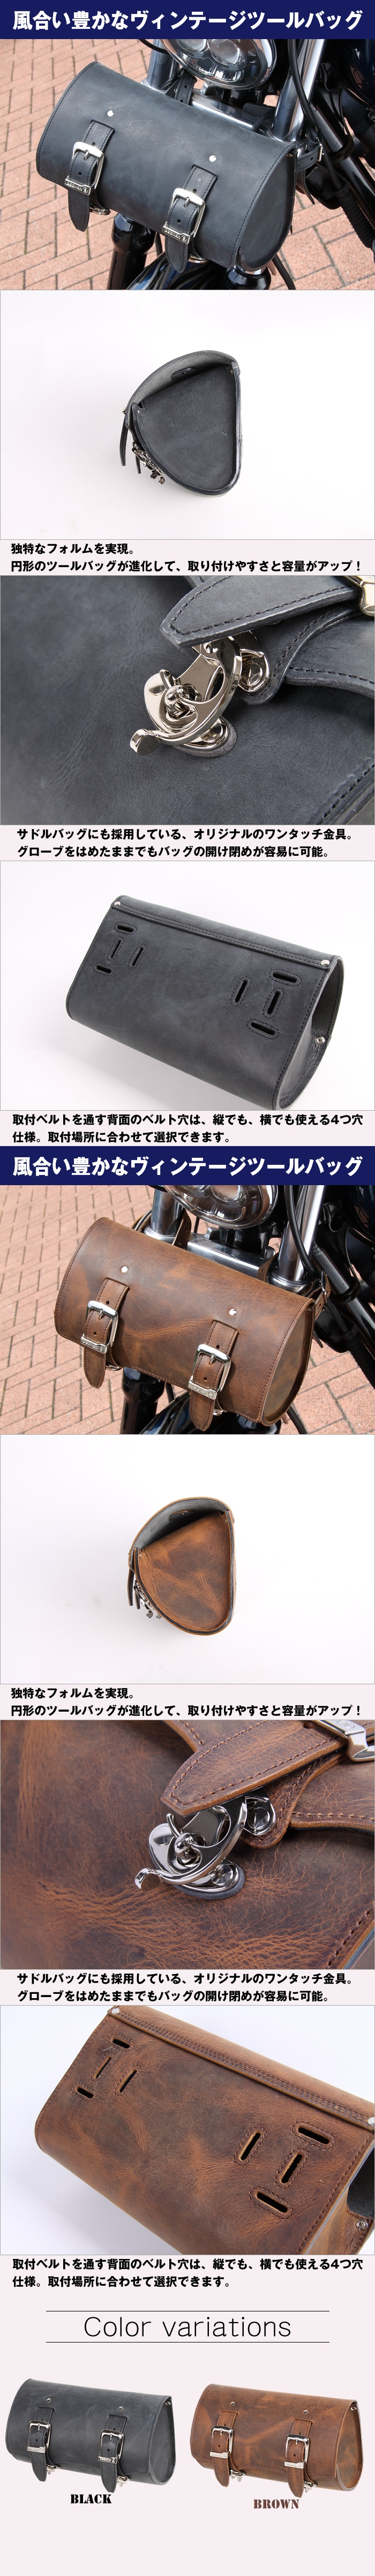 レザー, ヴィンテージ, ツール, バイク, 取付, バッグ, オイルレザー, フォルム, 本革, TG-6